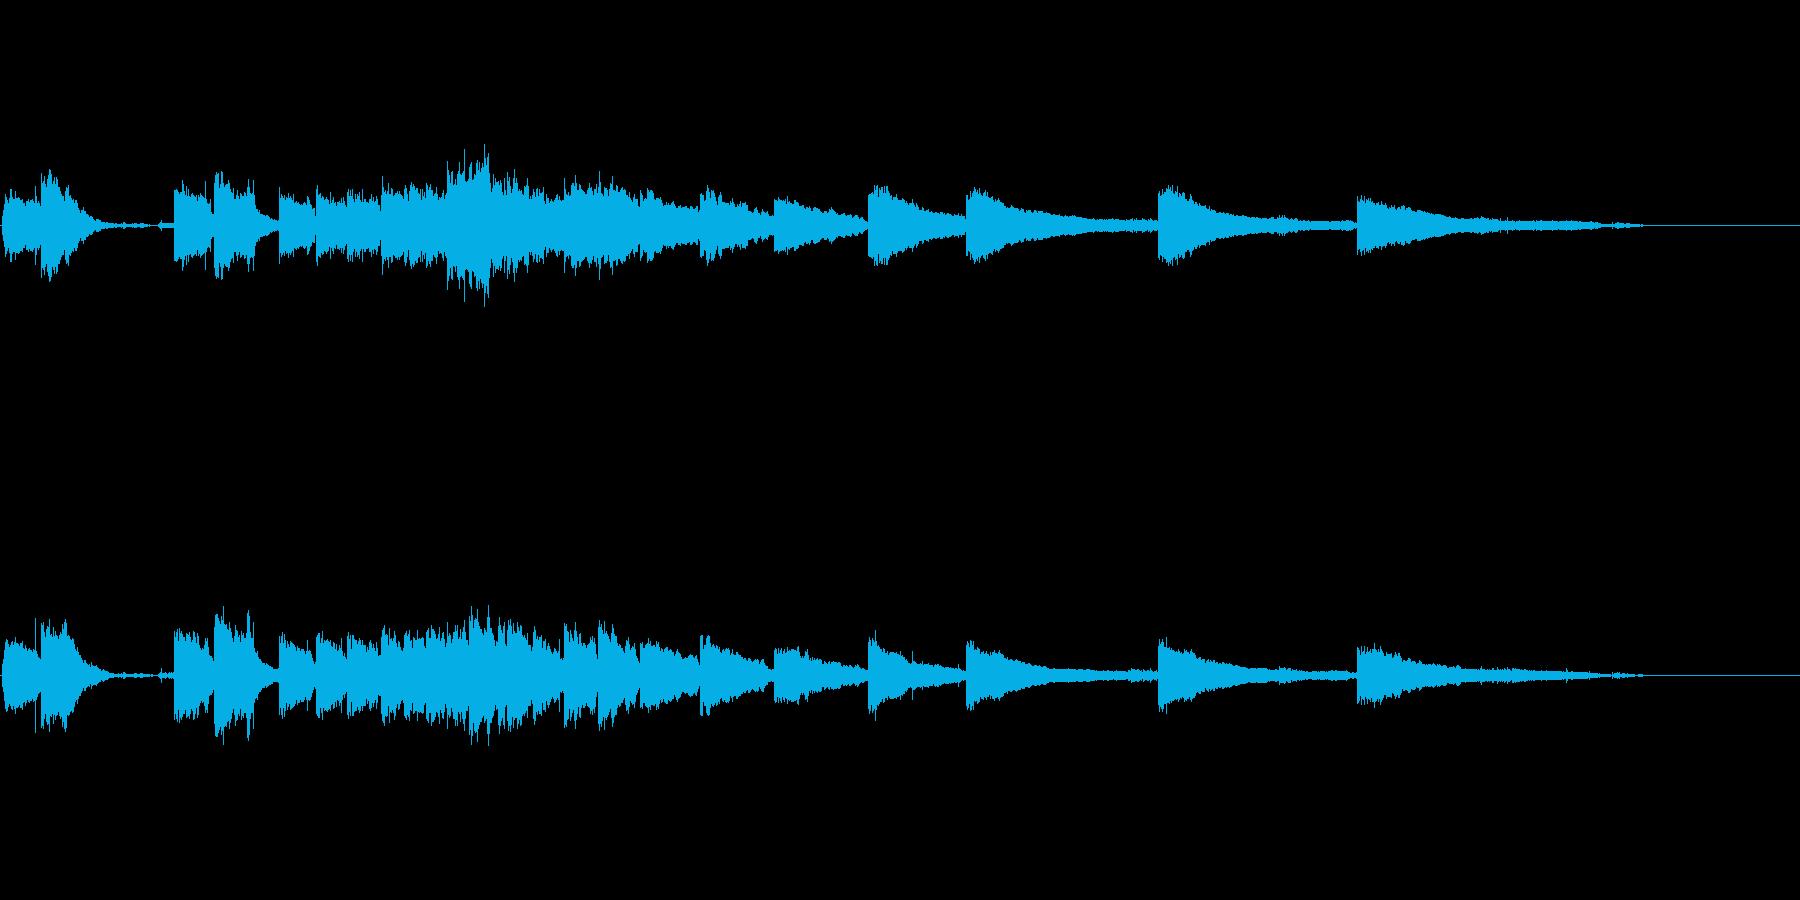 生音エレキギター6弦チューニング3エコーの再生済みの波形